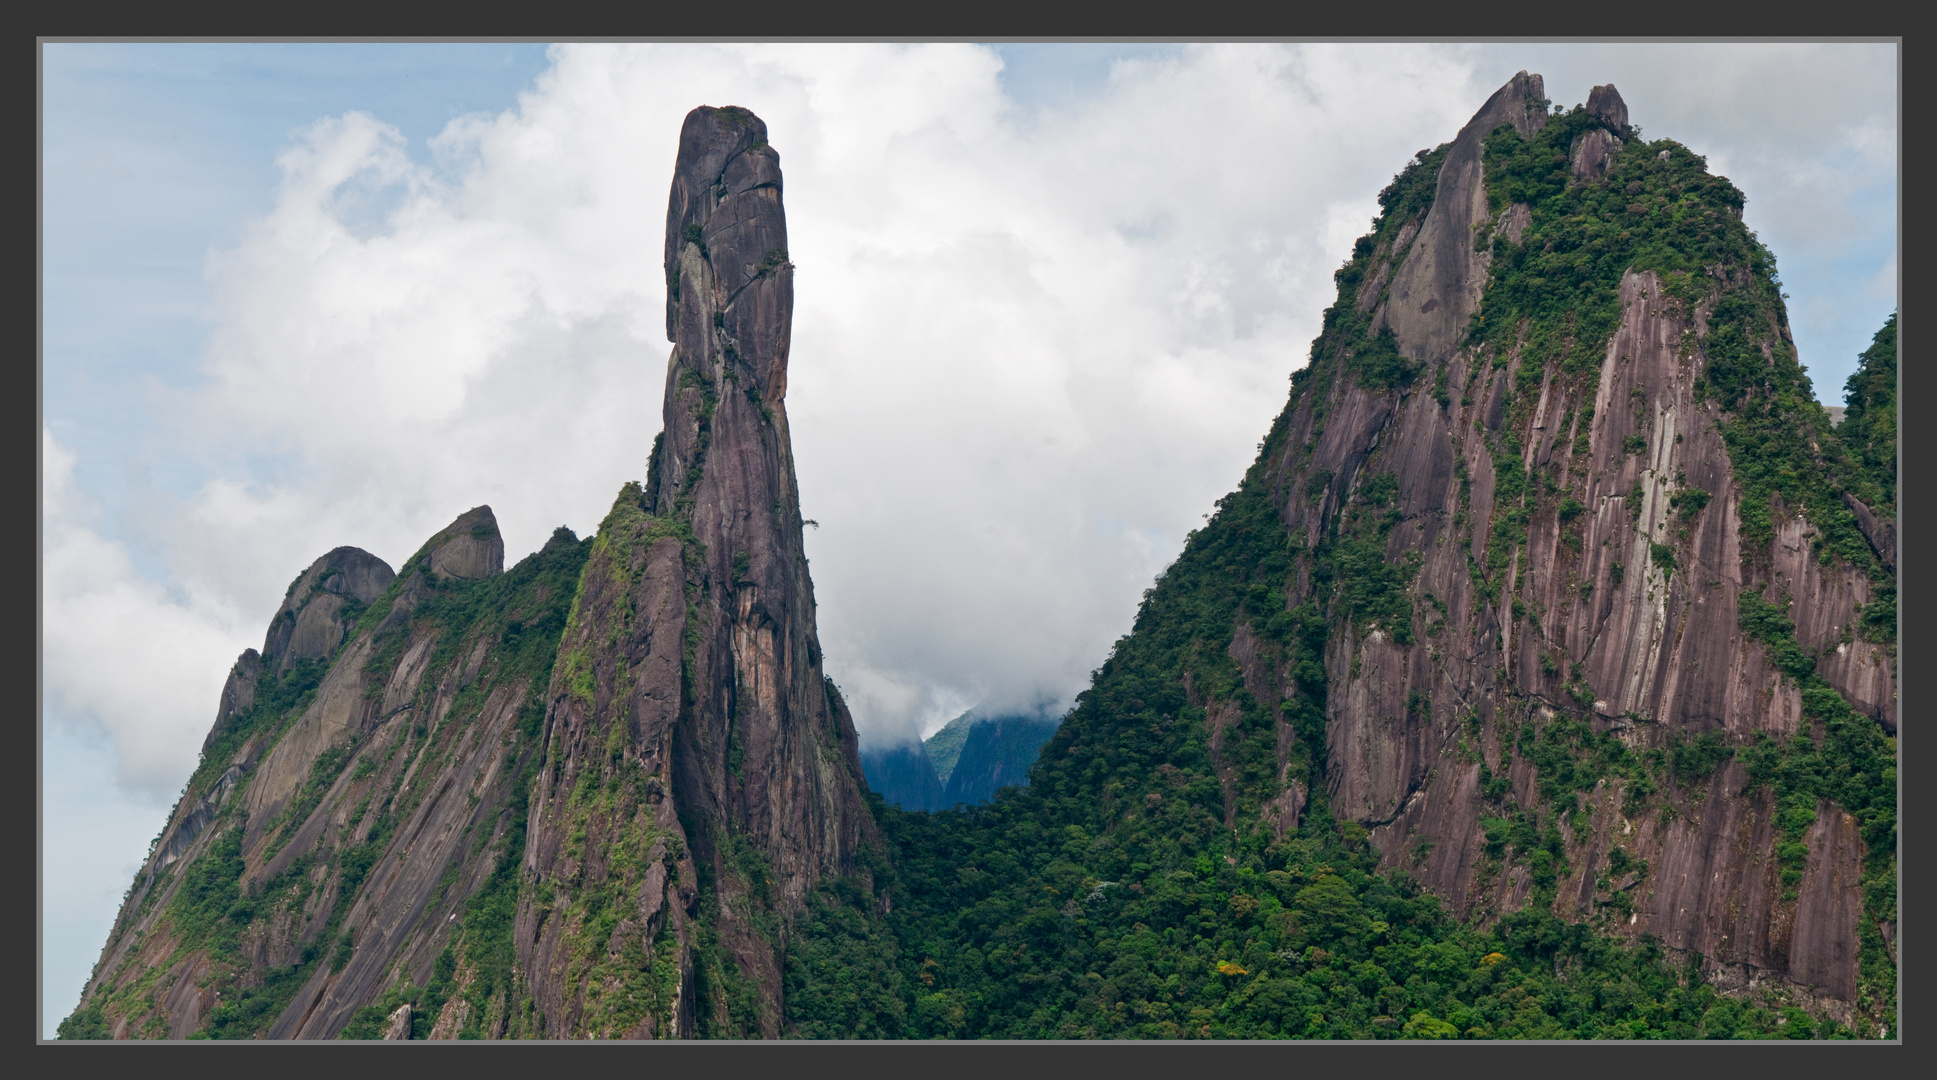 Dedo de Deus, Serra dos Orgaos National Park